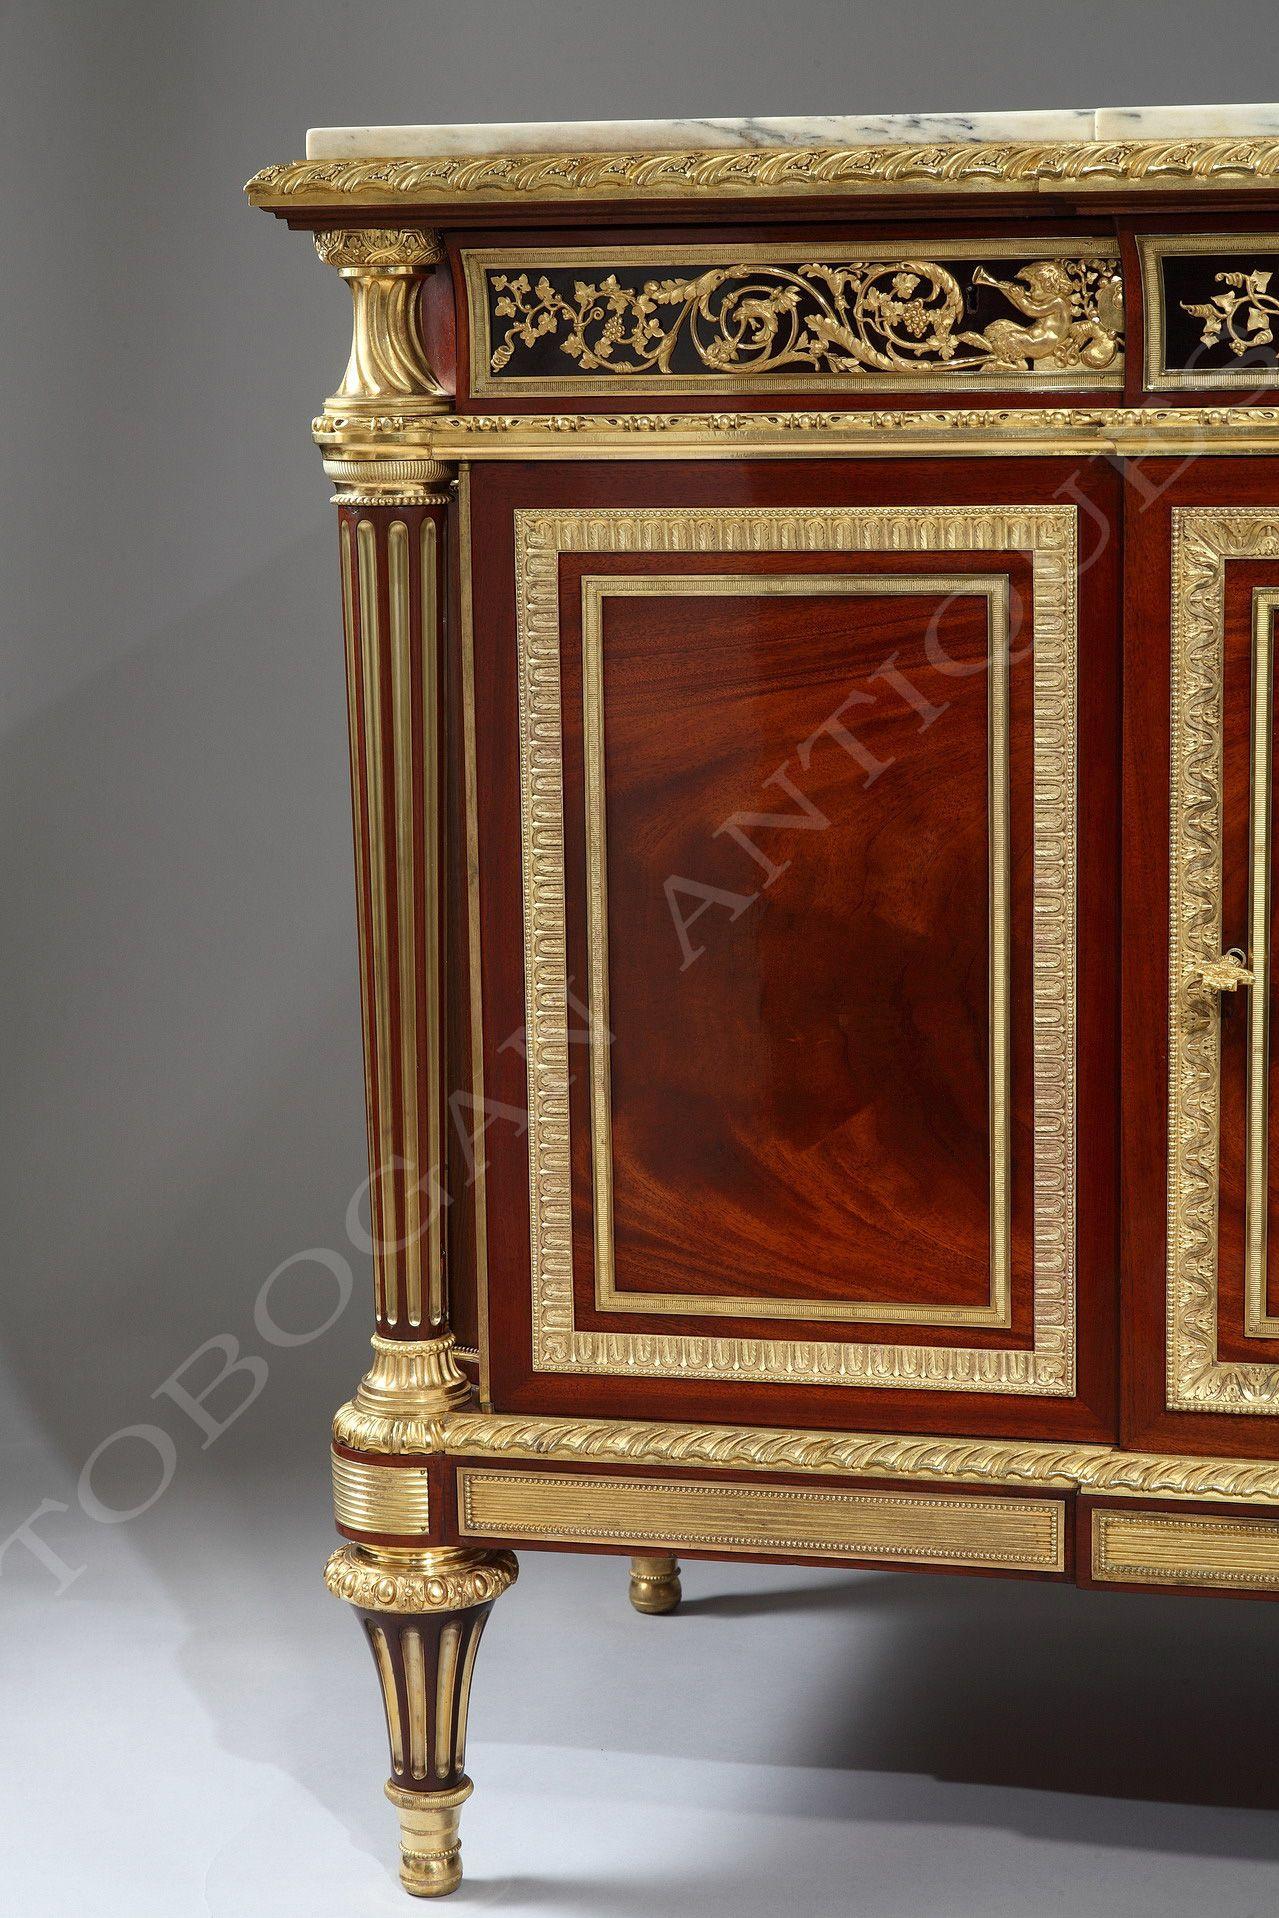 C1870 Krieger Importante Commode France Circa 1870 Haut 92 Cm Larg 147 Cm Prof 58 Cm Mobilier De France Porcelaine De Sevres Musee Des Arts Decoratifs